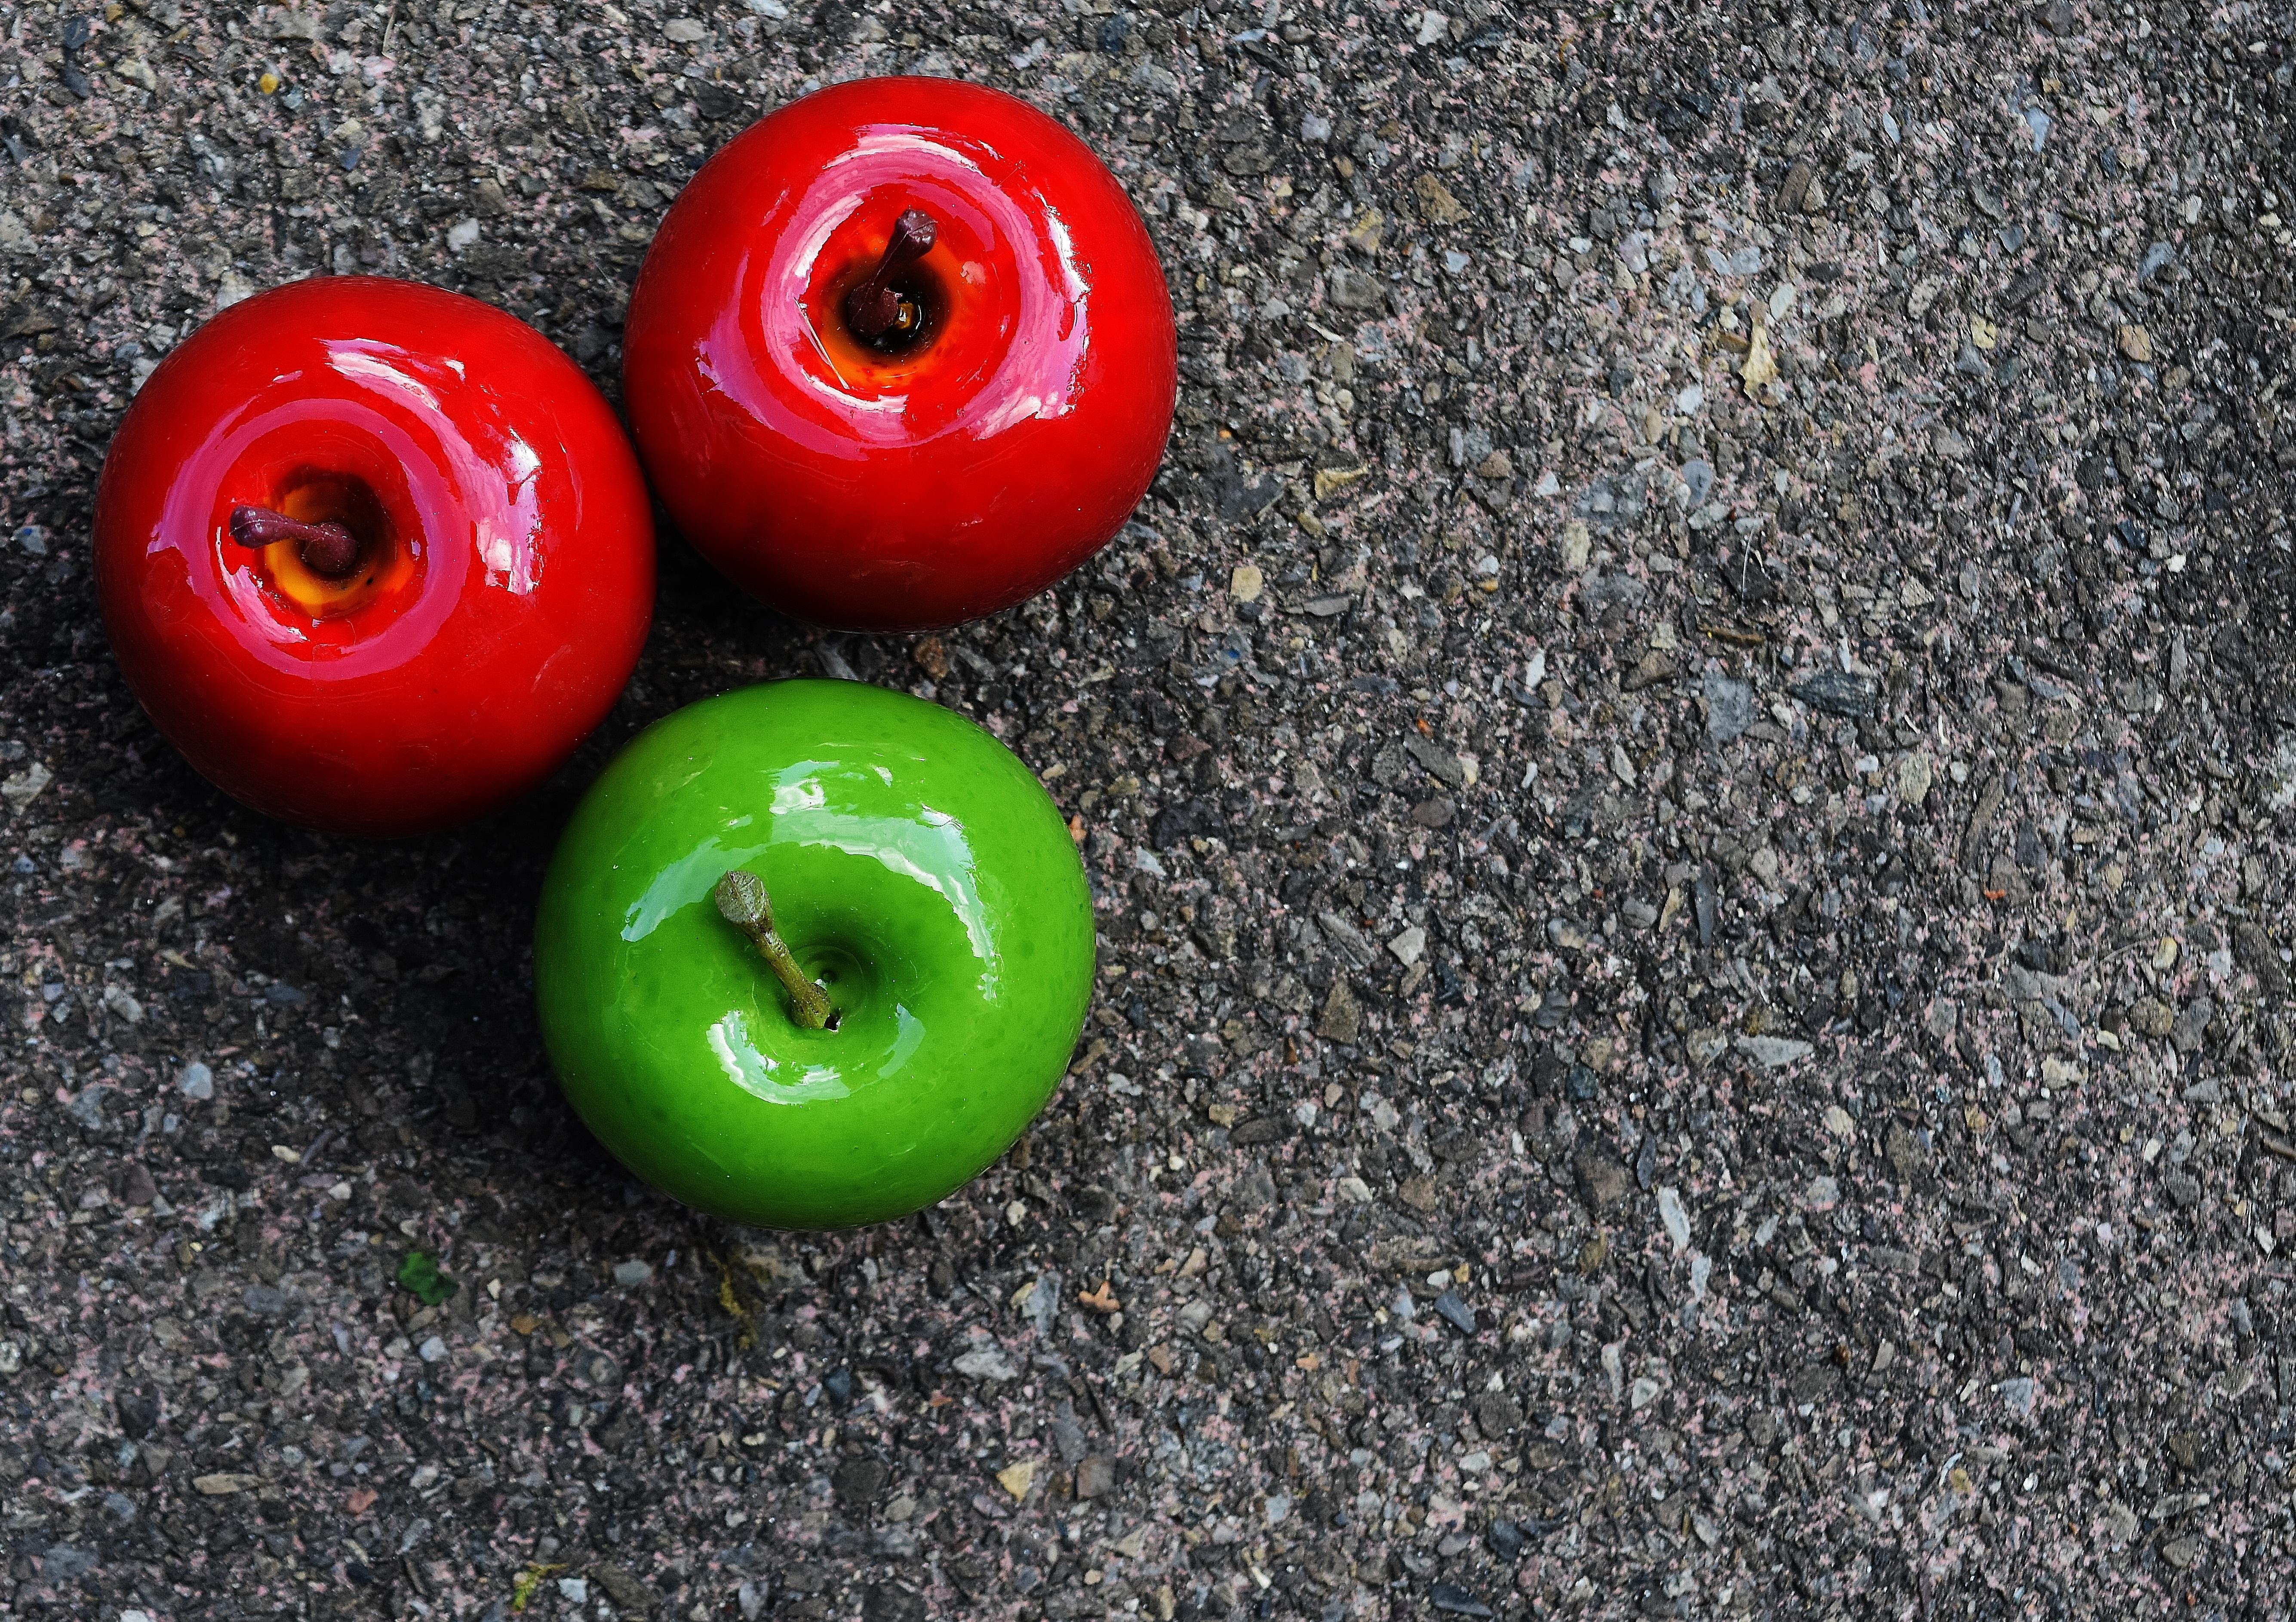 Fotos gratis : césped, Fruta, hoja, flor, decoración, comida, rojo ...